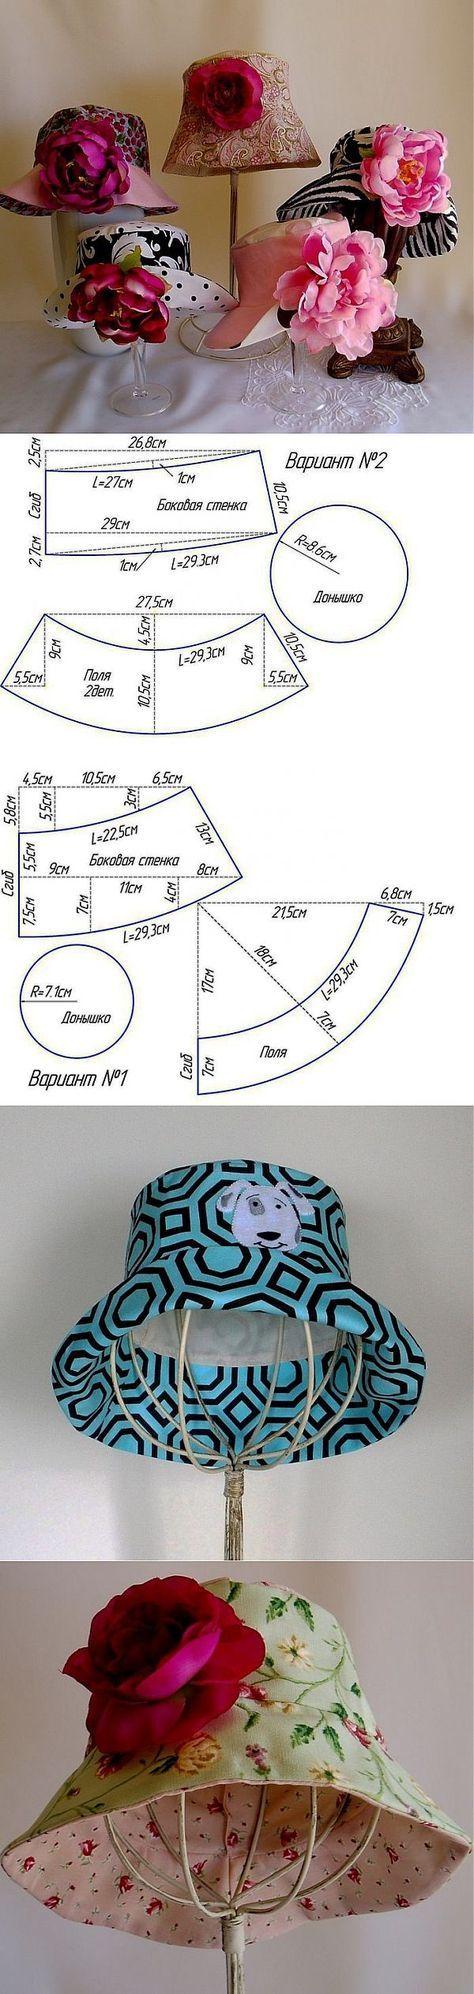 Шляпки в стиле ретро с уникааальнейшими выкройкам к каждой шляпке. АКТУАЛЬНО и сегодня. НЕВЕРОЯТНОЕ КОЛИЧЕСТВО